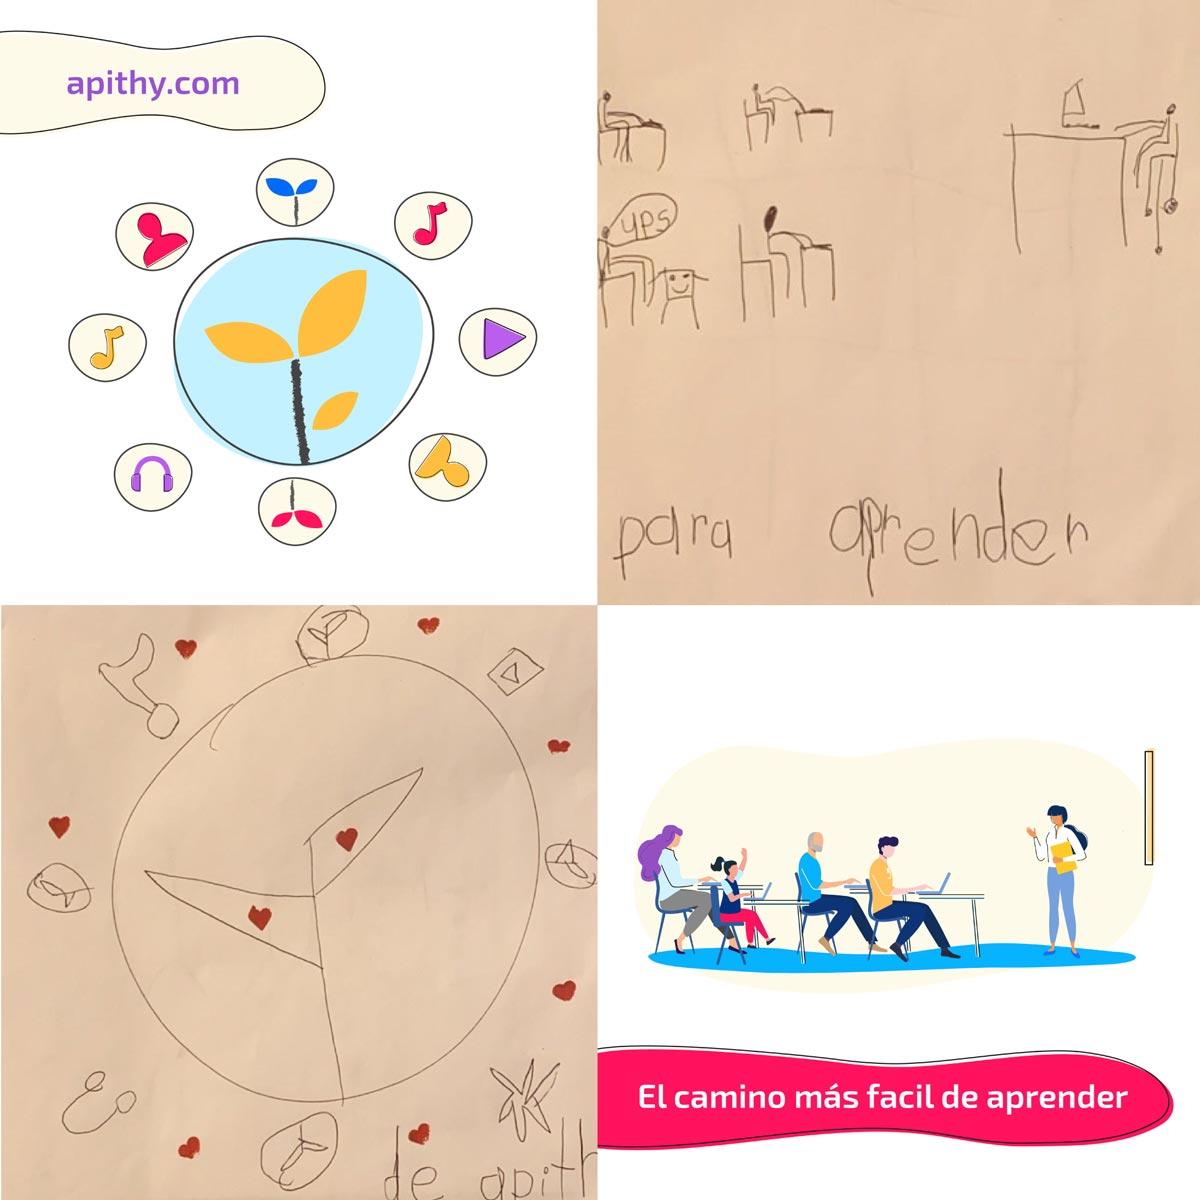 La hija de nuestros fundadores realizó un dibujo sobre lo que para ella significa apithy: una empresa facilitadora del conocimiento y el aprendizaje digital.